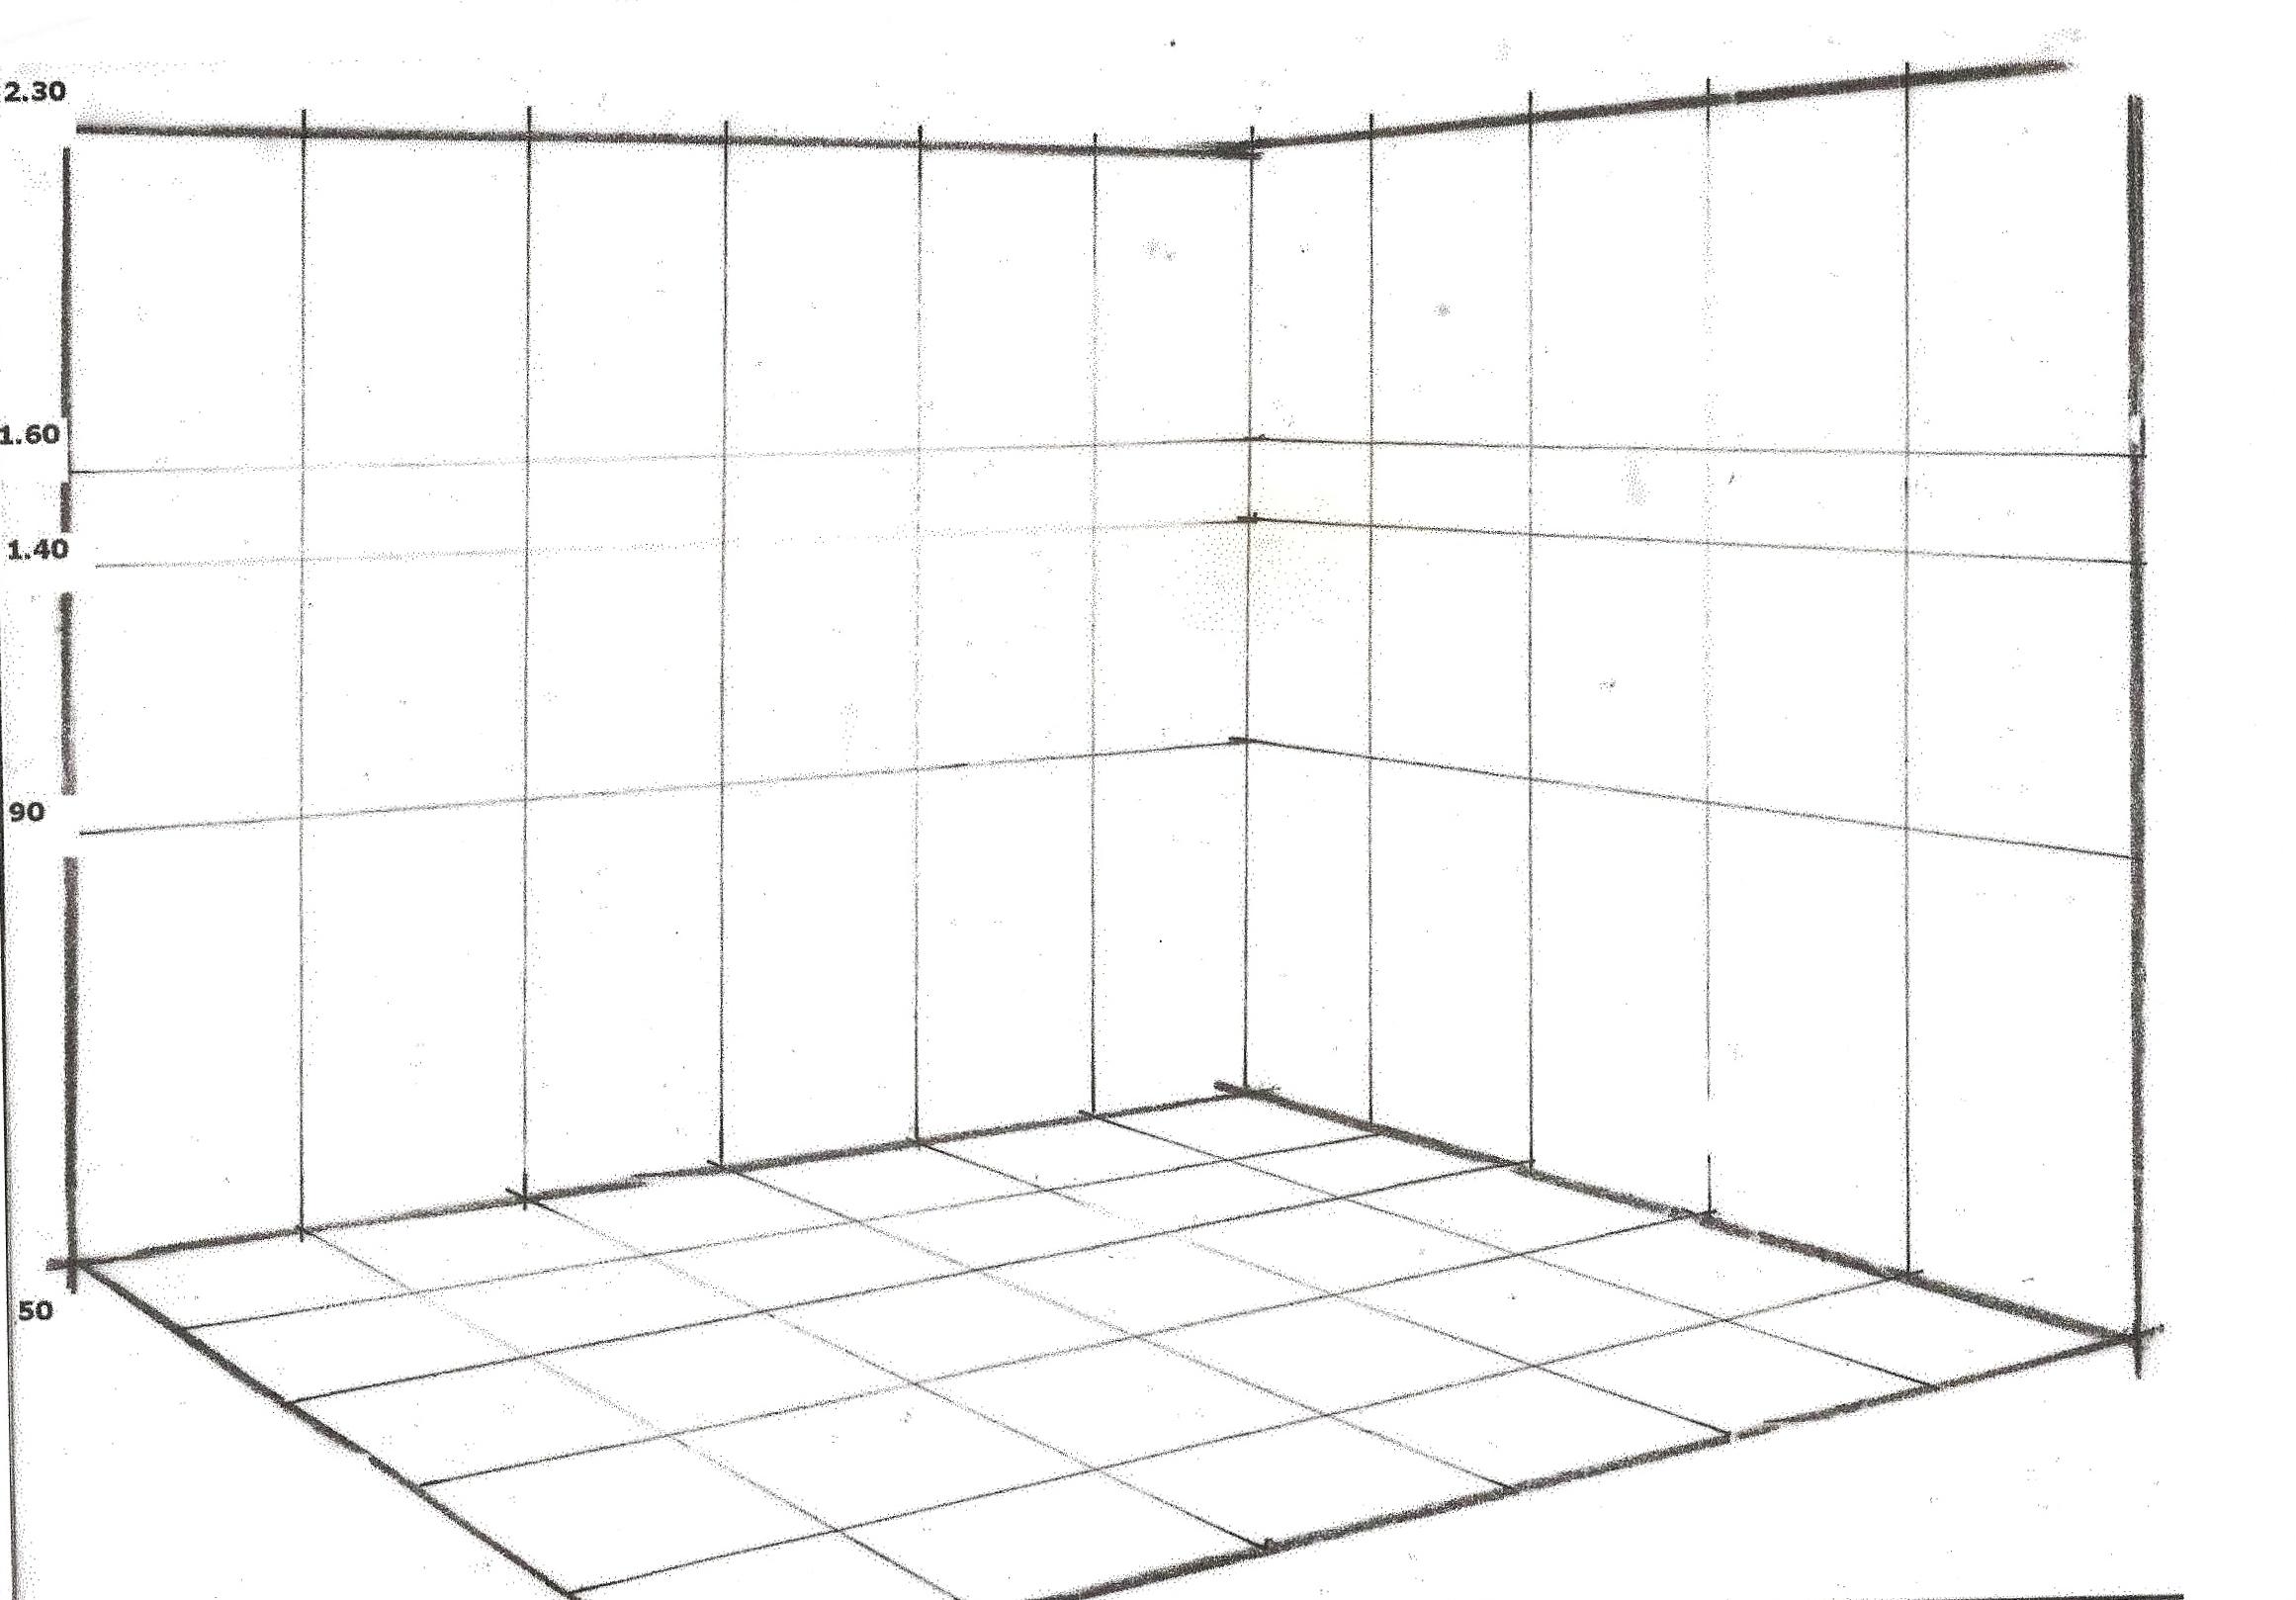 Realizacion de perspectiva axonometrica planta oblicua y conica de 2 puntos de fuga - Habitacion en perspectiva conica ...